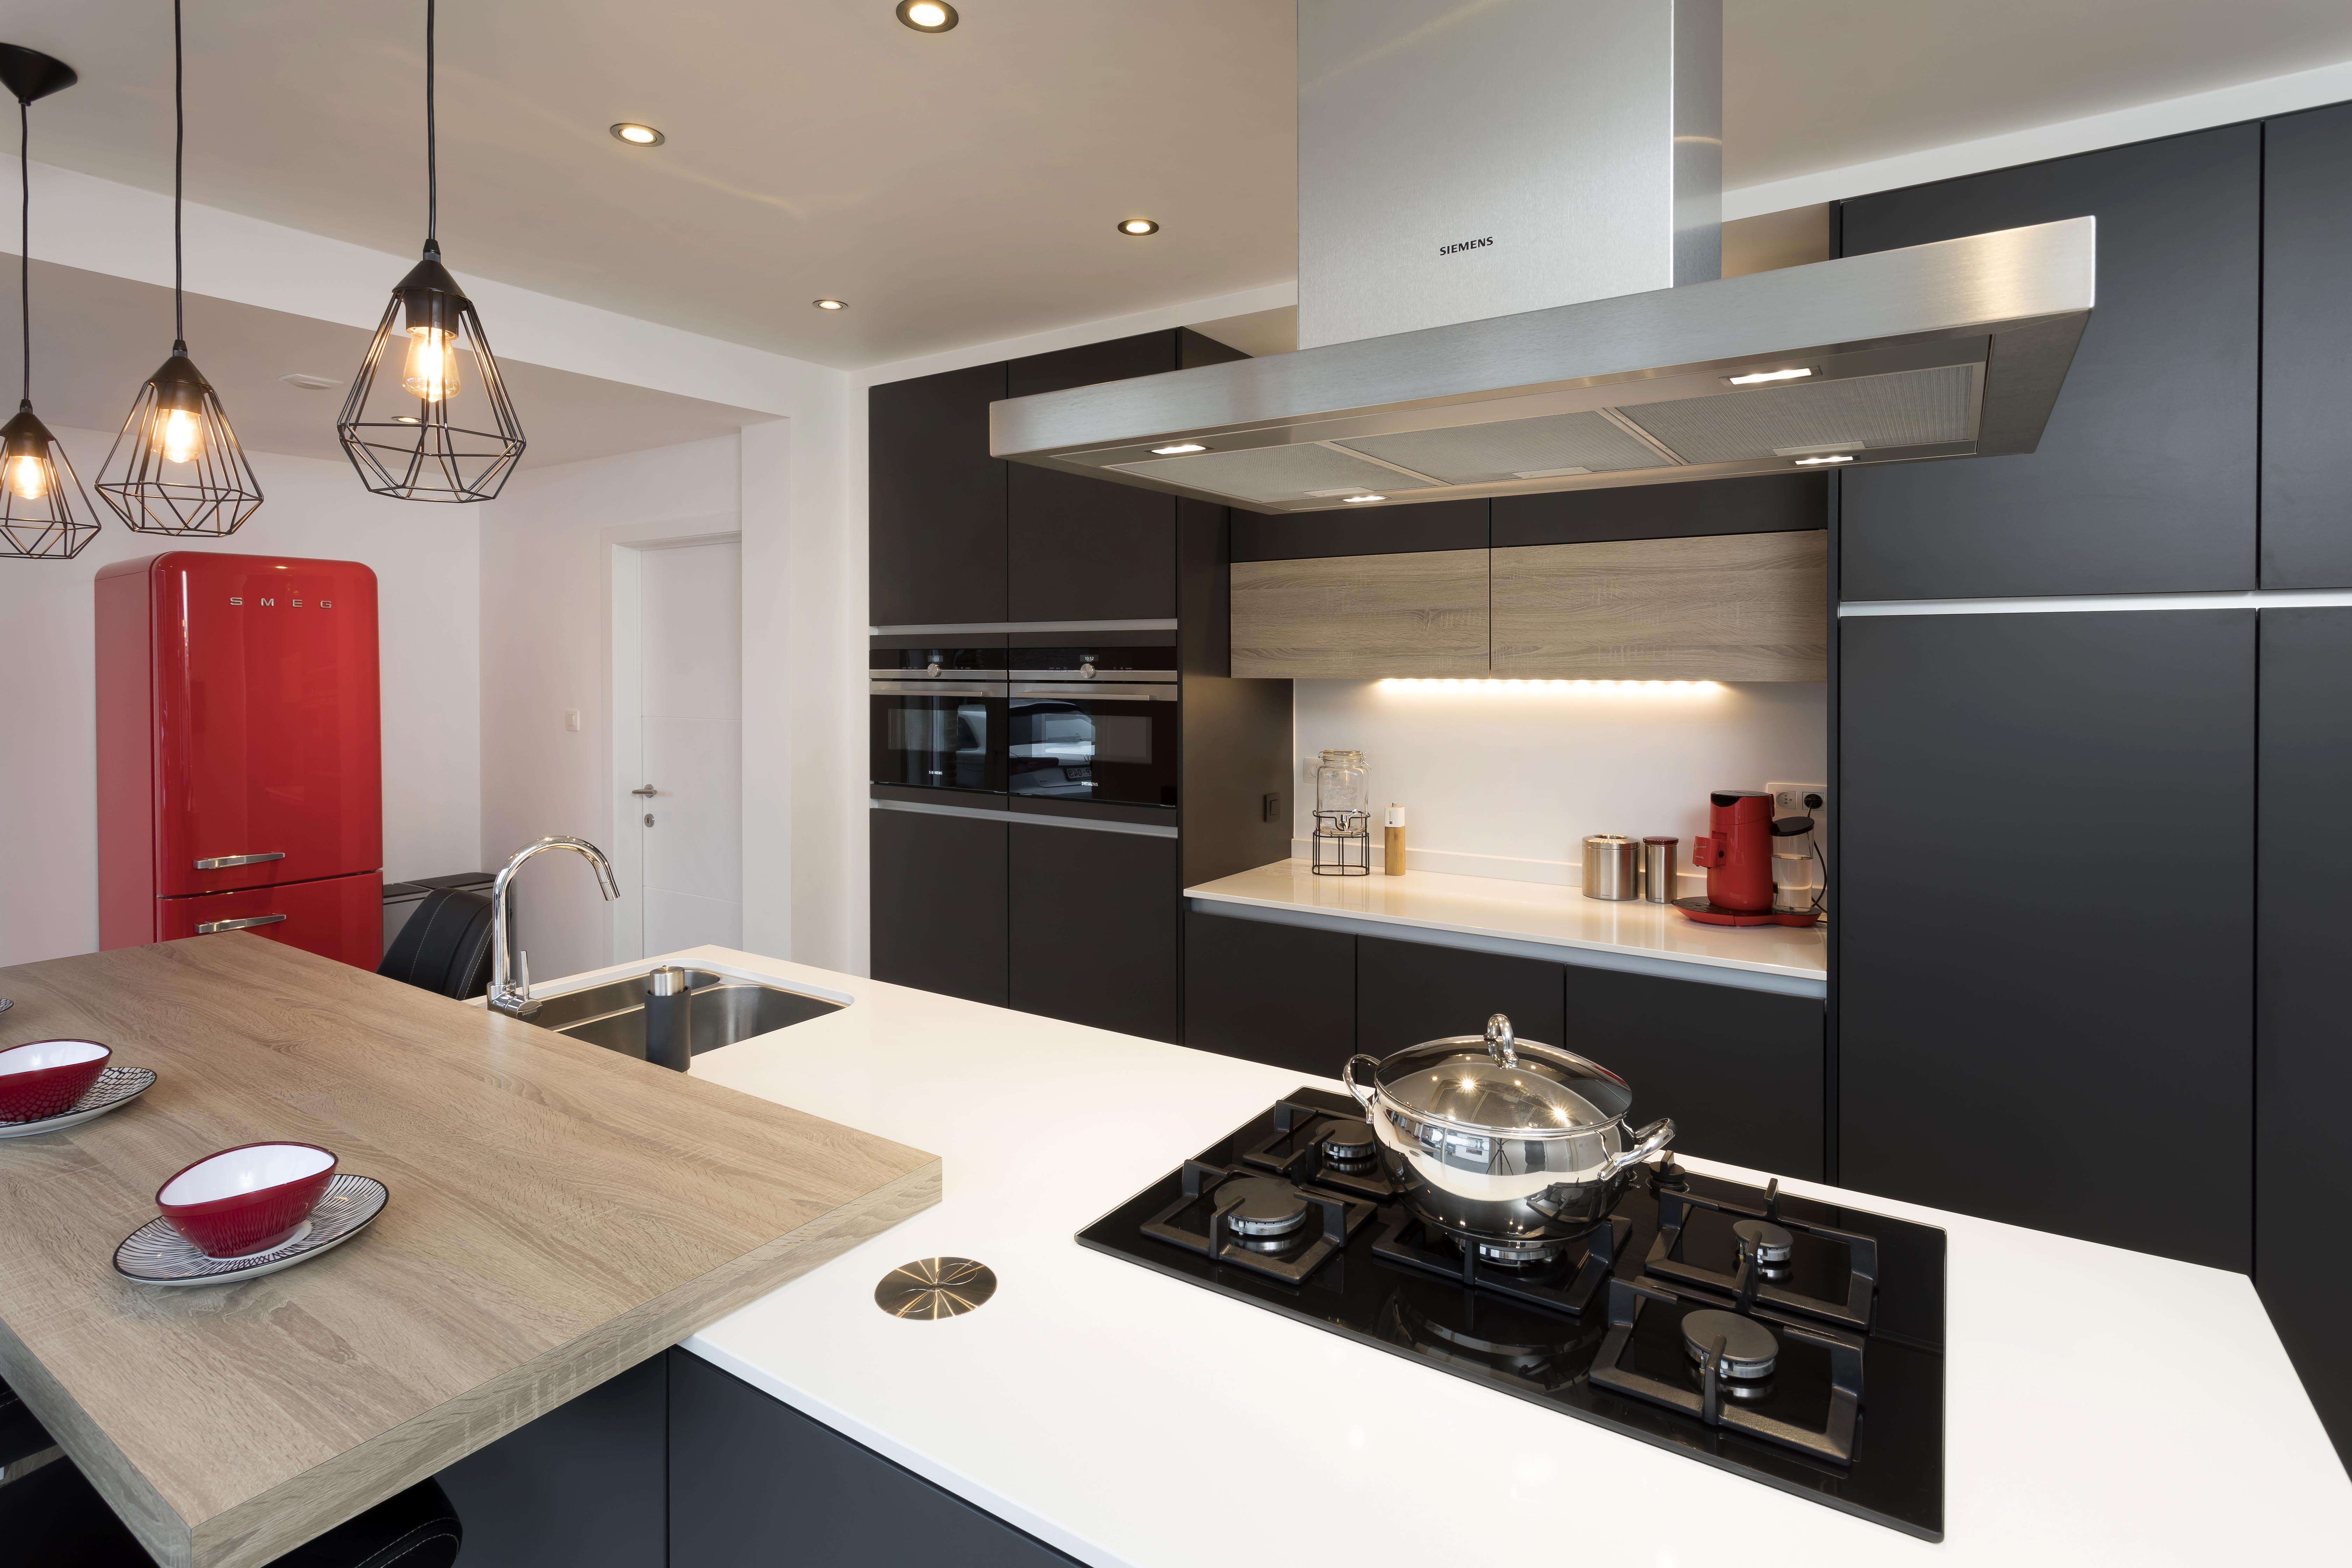 Franssen Keukens Design : Franssen keukens trendy moderne keuken trendy moderne